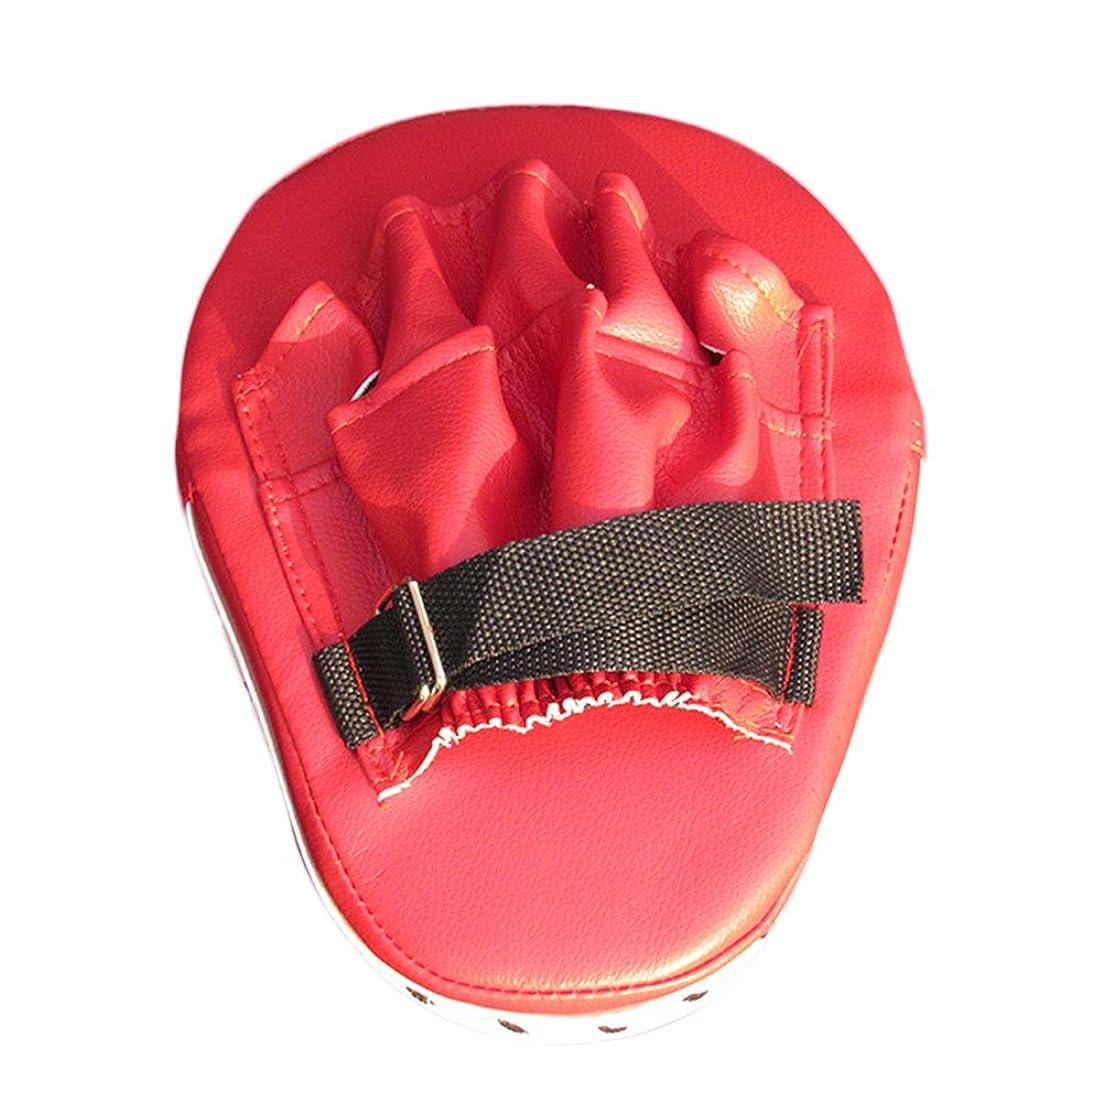 対象馬鹿助けてGoshang パンチングミット キックボクシング キックミット 格闘技 空手 テコンドー トレーニング 格闘技ミット クシングミット 1個